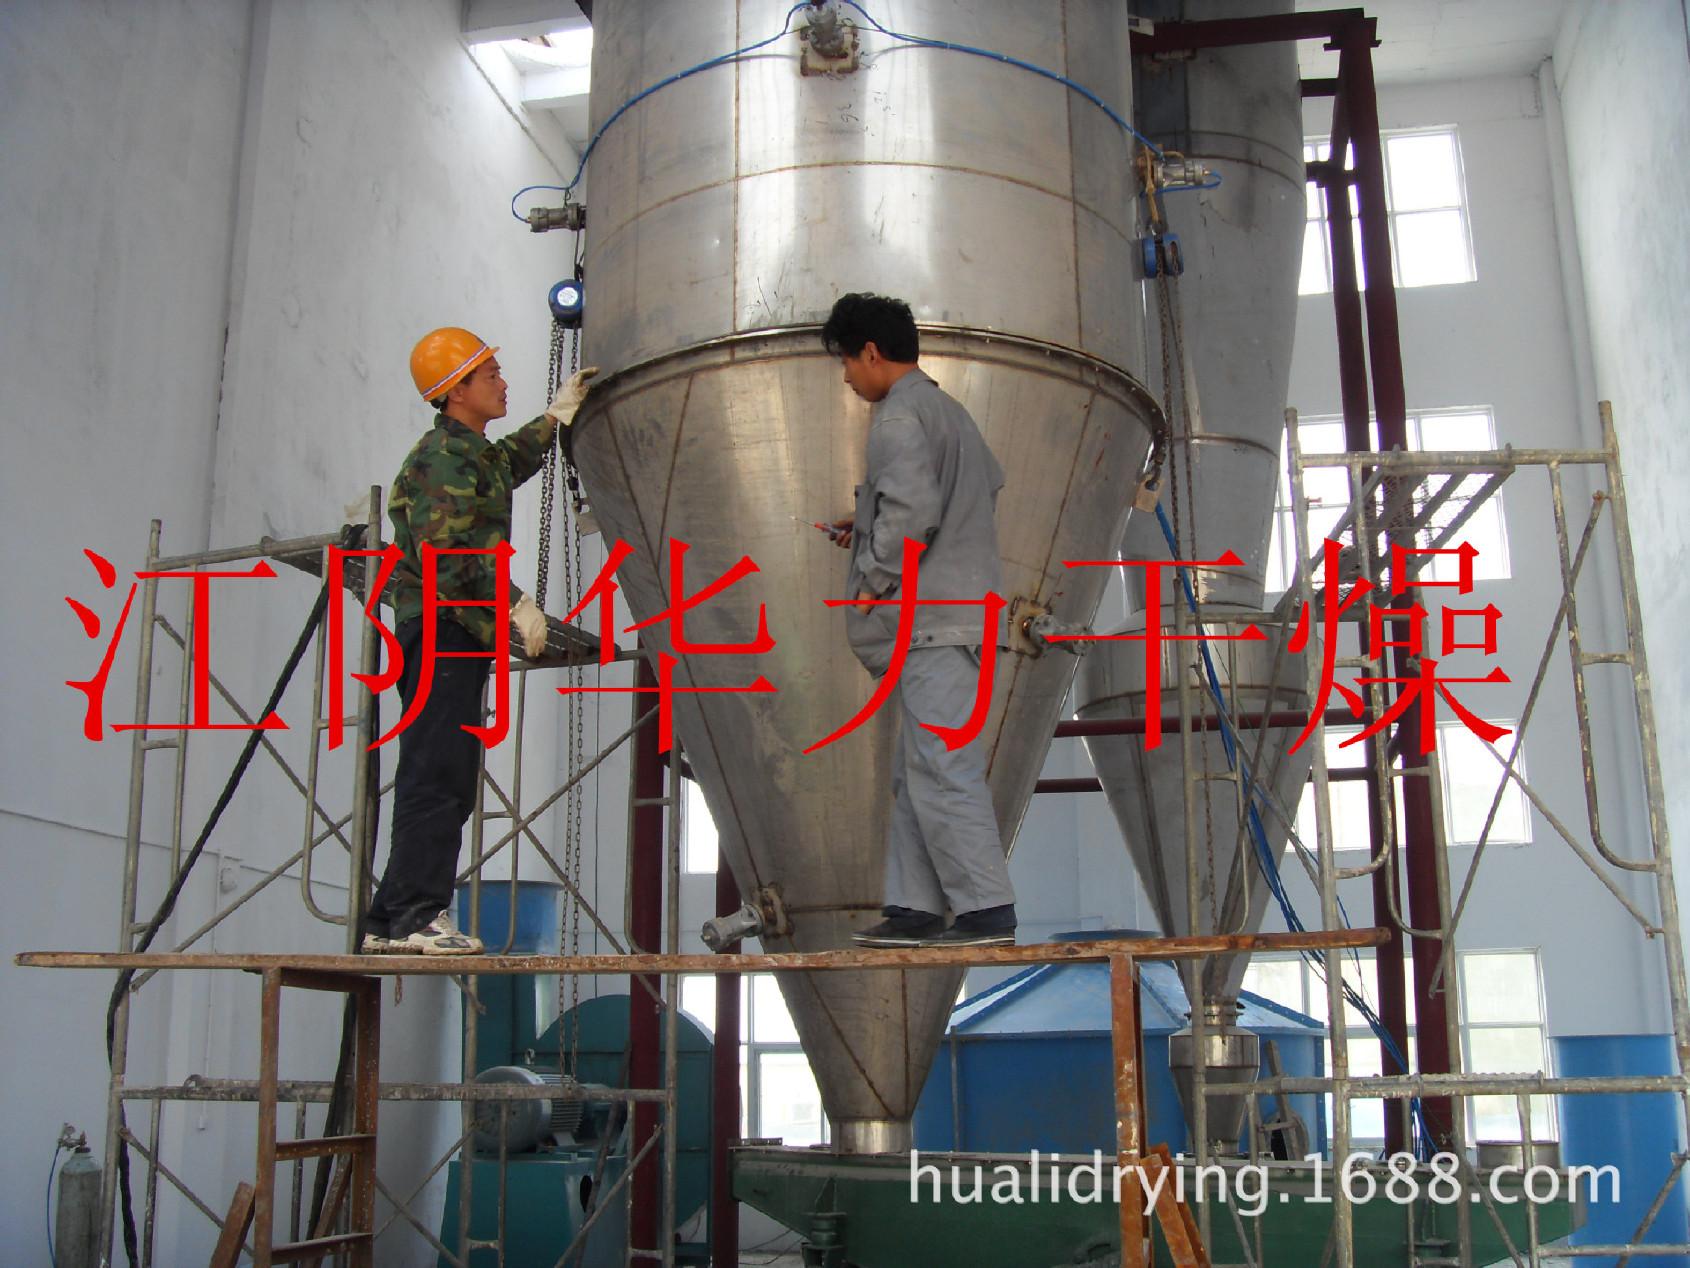 调味料压力喷雾干燥机 淀粉压力喷雾干燥机 江阴华力喷雾干燥设备图片